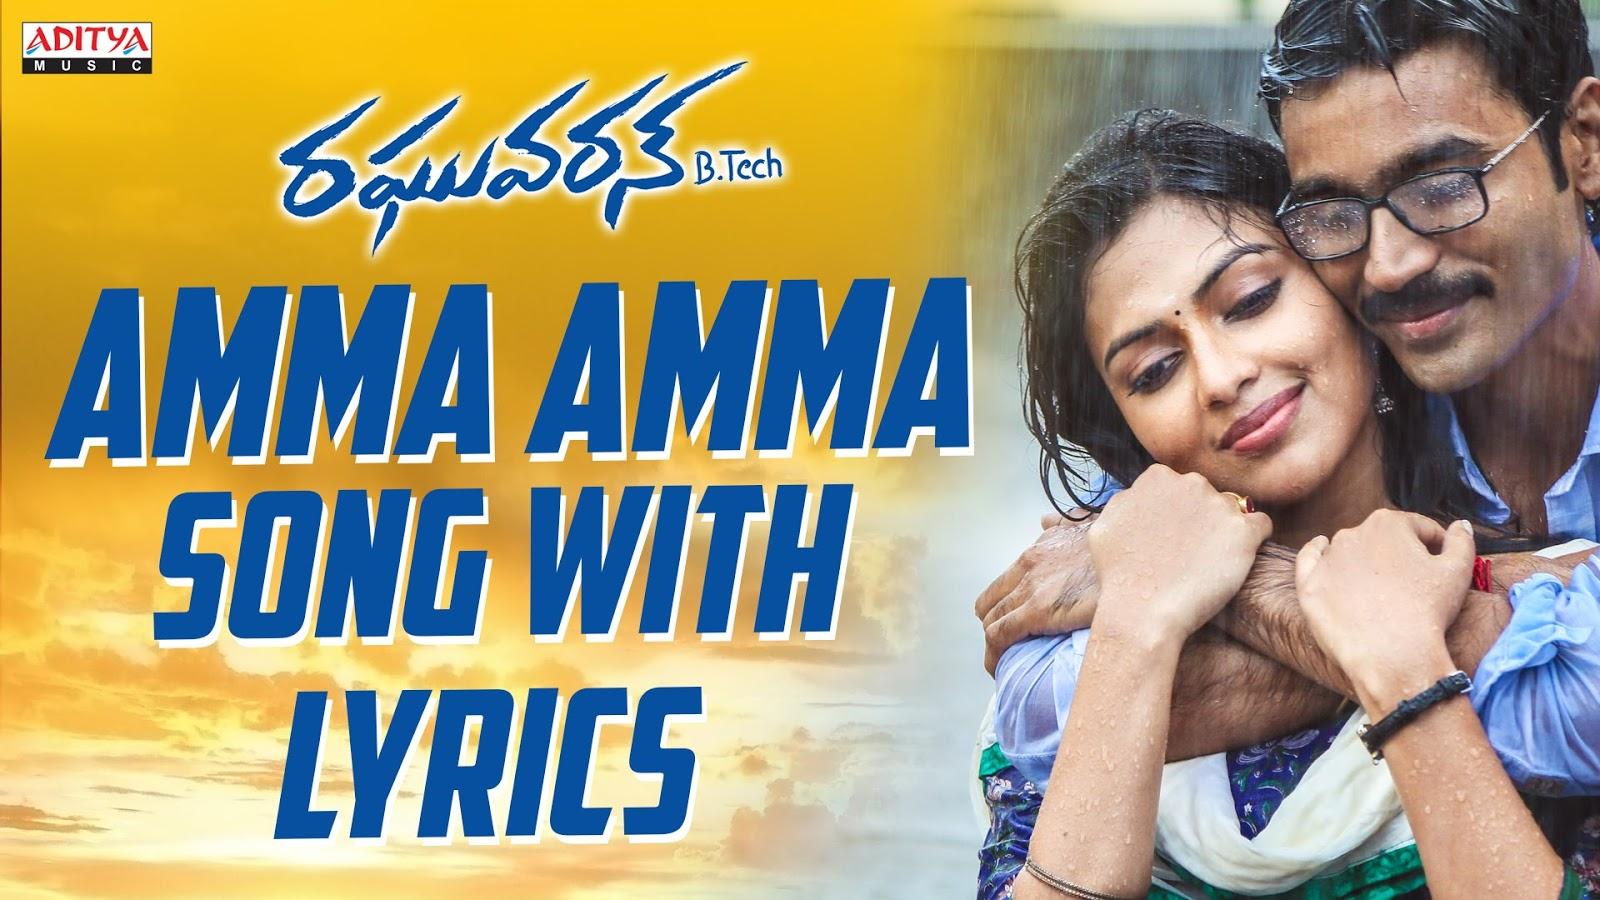 Amma amma -Vip full video song Hd